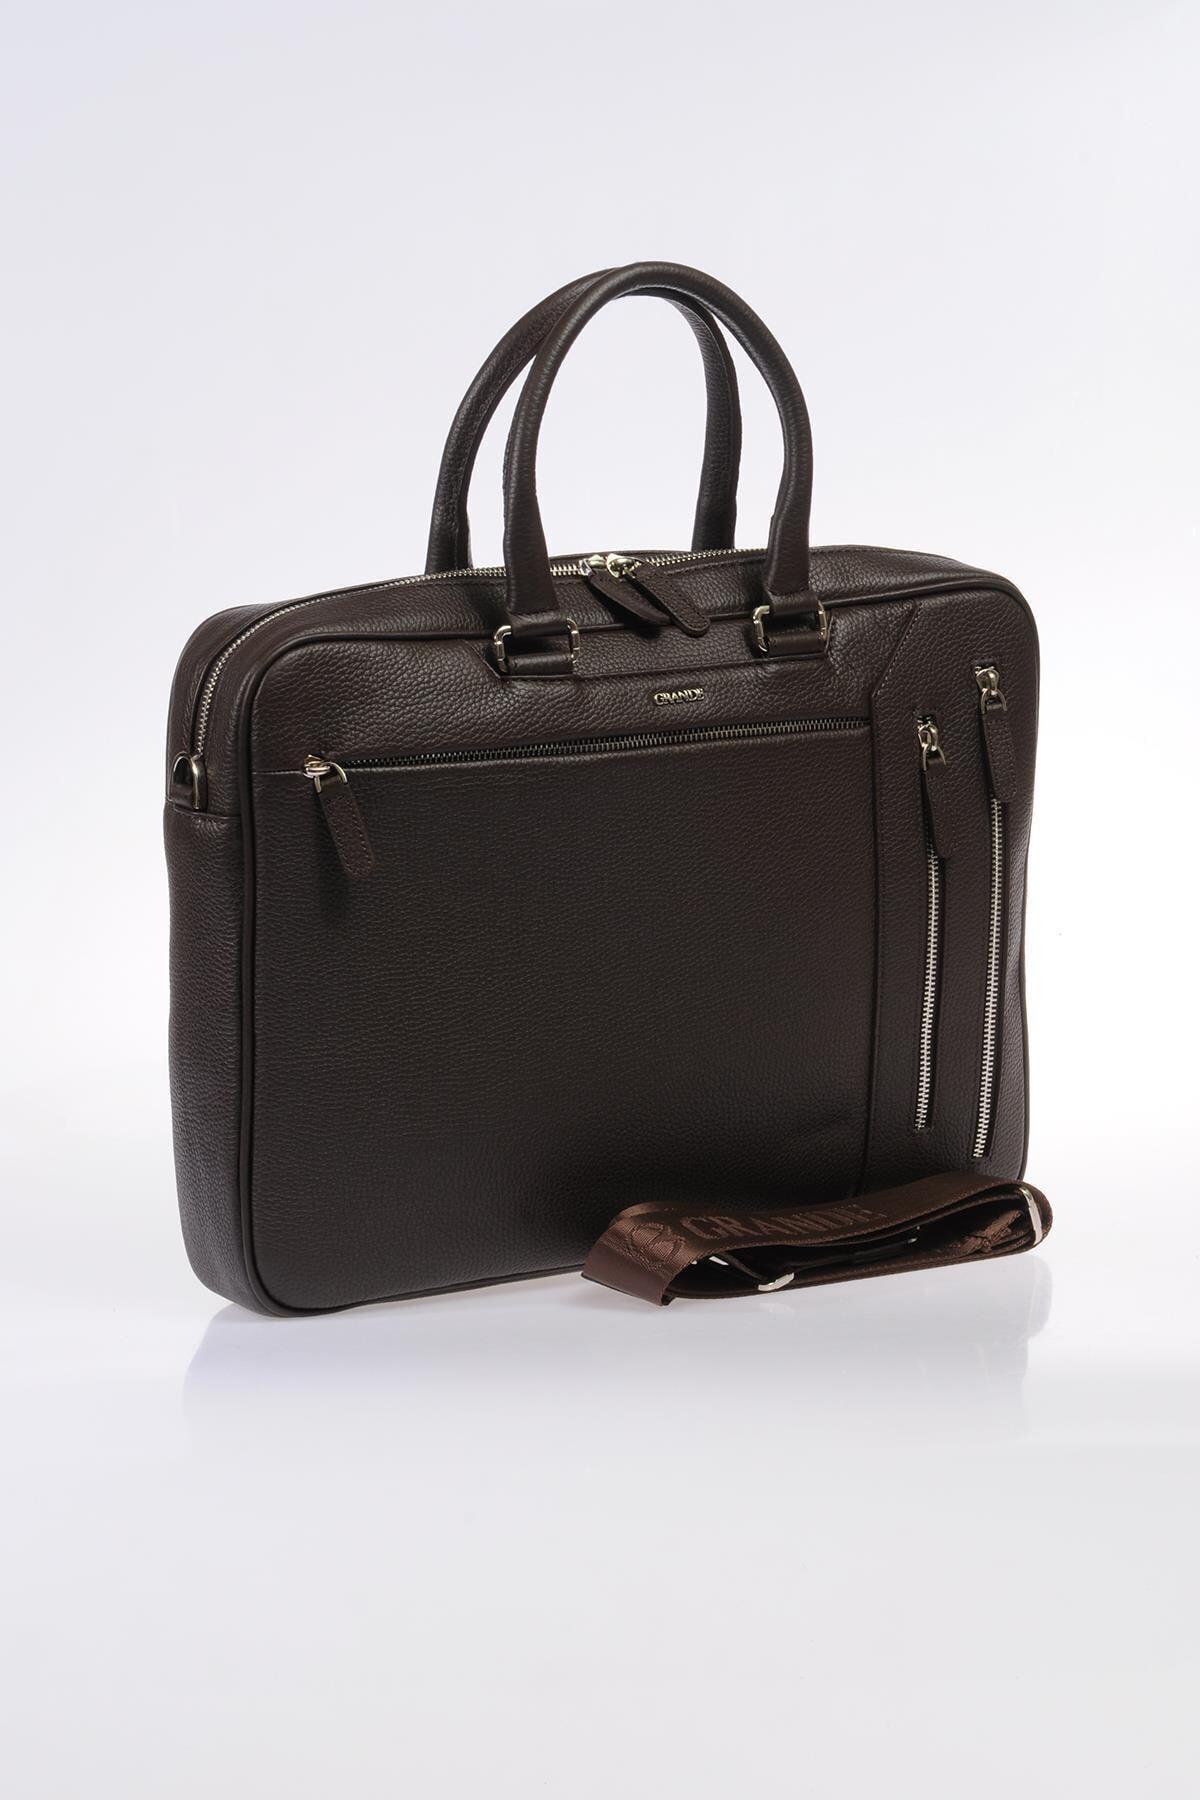 Grande Kahverengi Unisex Laptop & Evrak Çantası 8690027123633 2